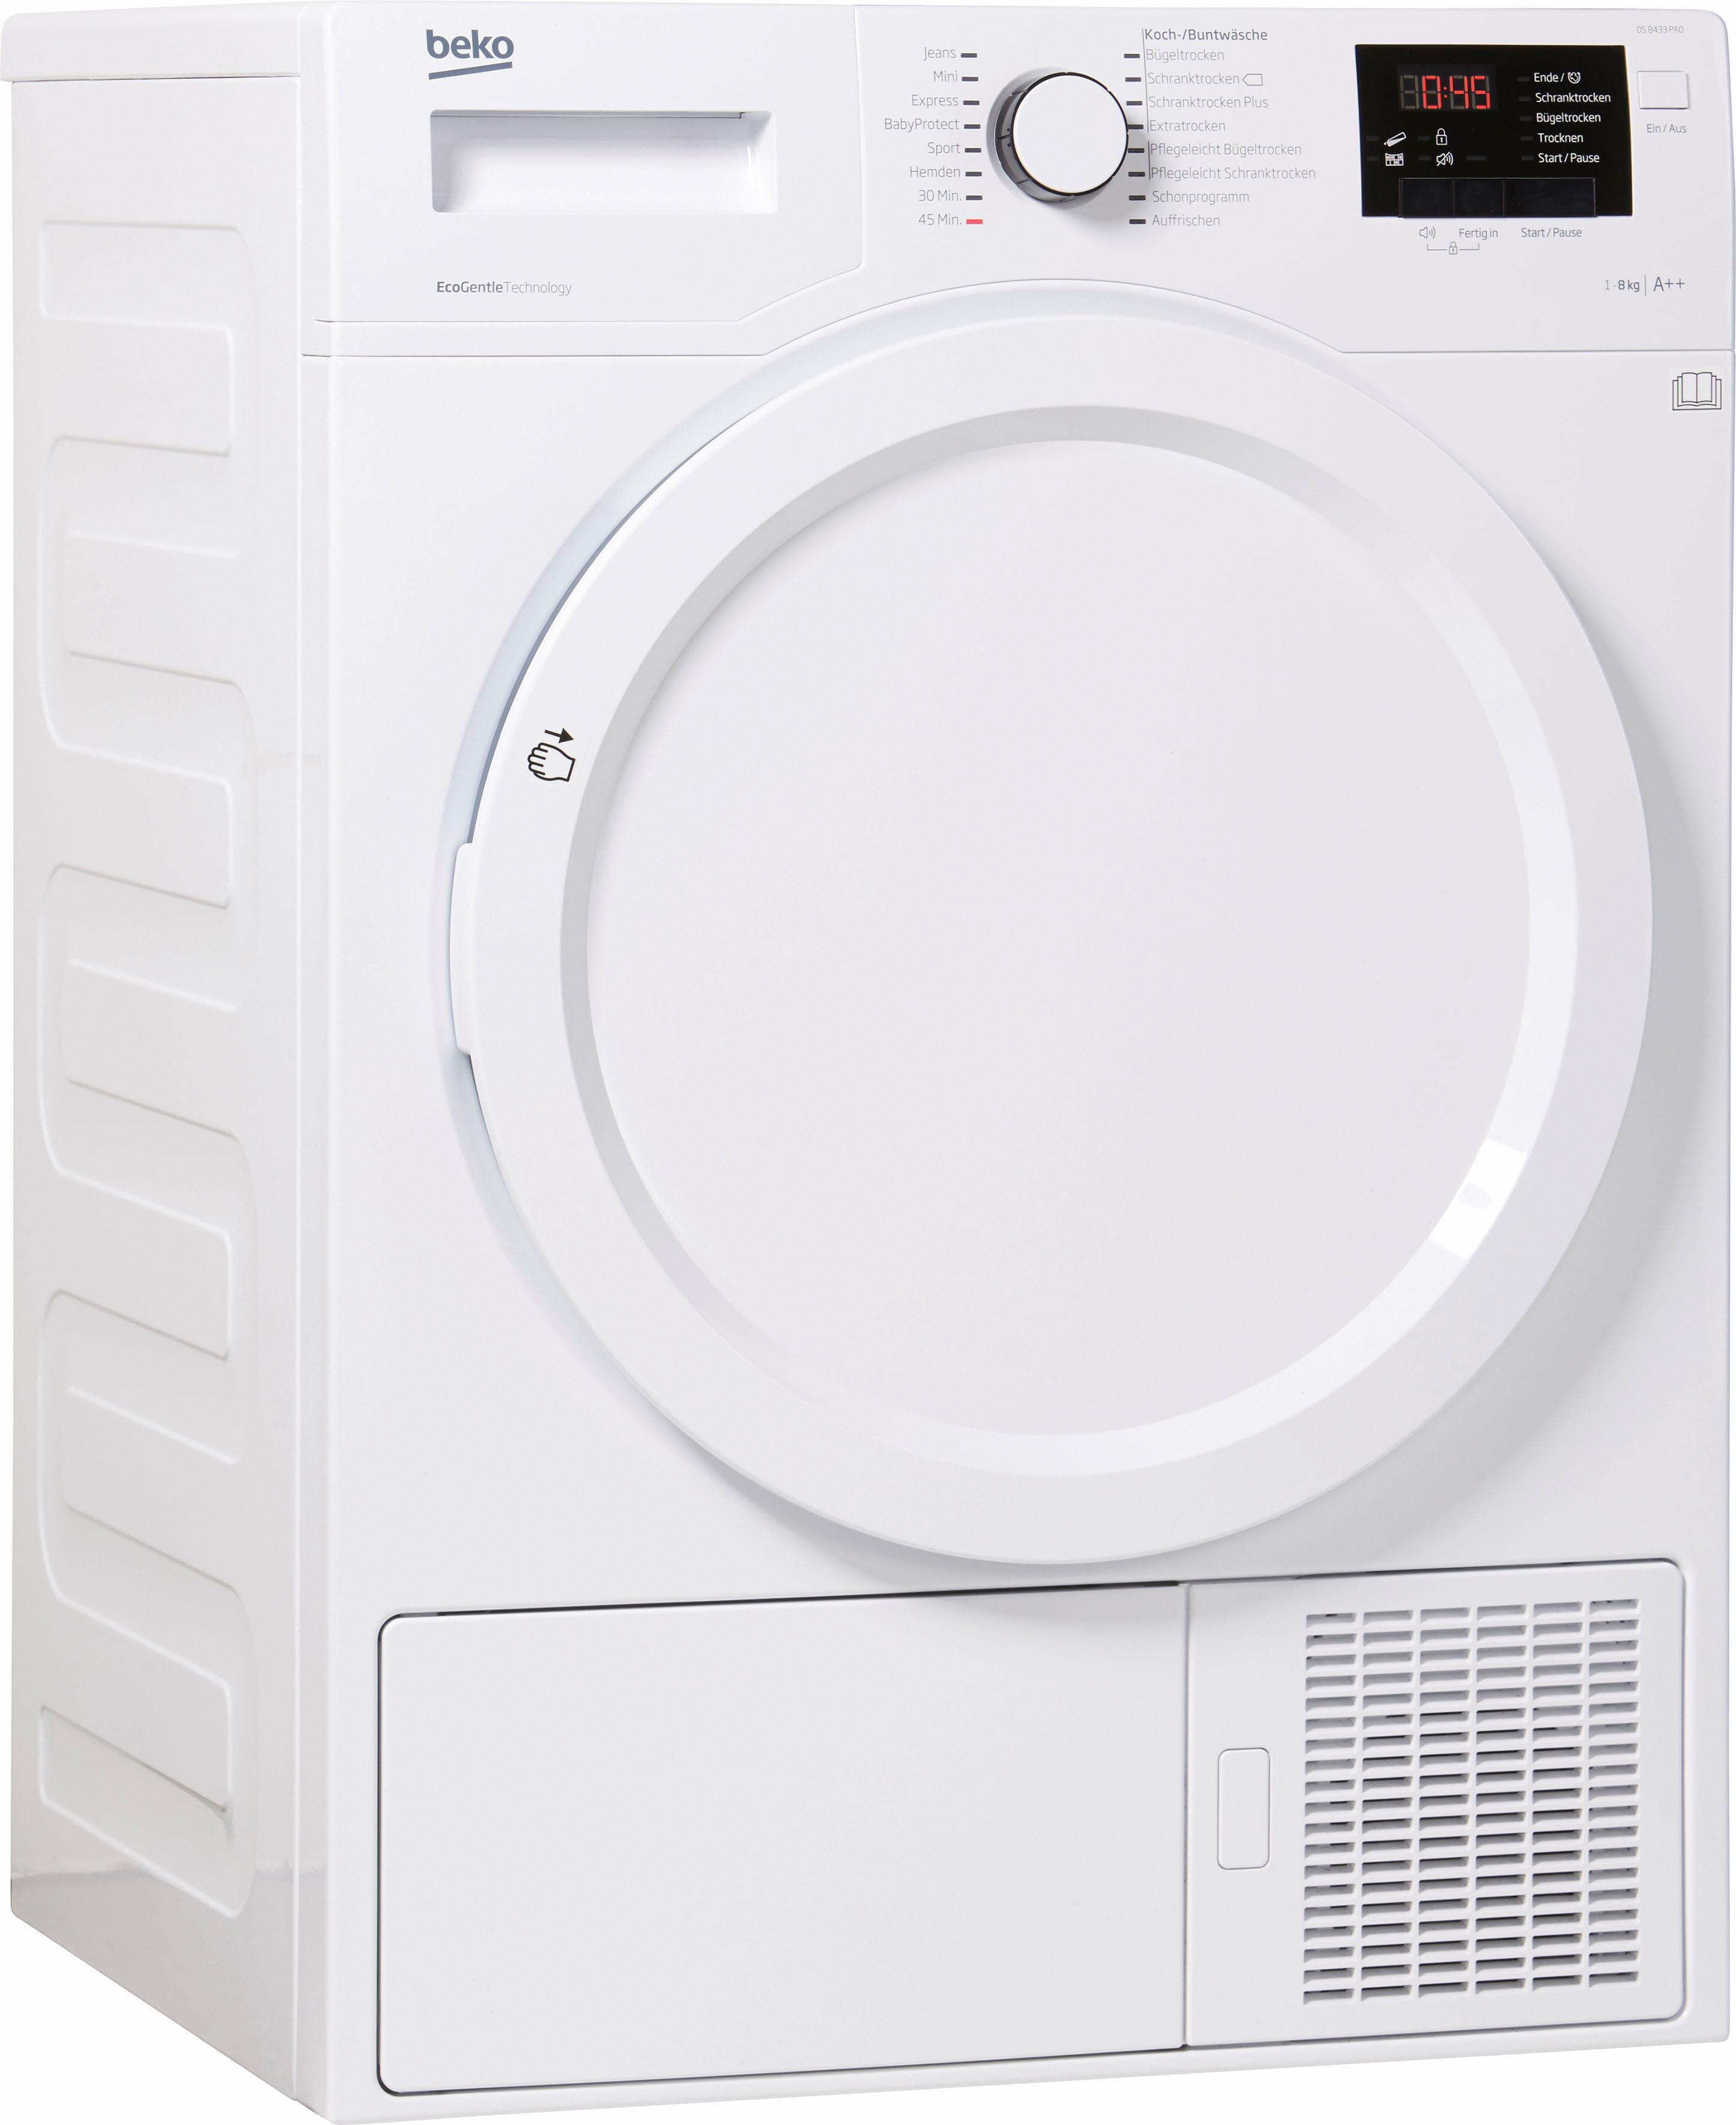 BEKO Wärmepumpentrockner DS 8433 PA0 8 kg | Bad > Waschmaschinen und Trockner | Weiß | Beko